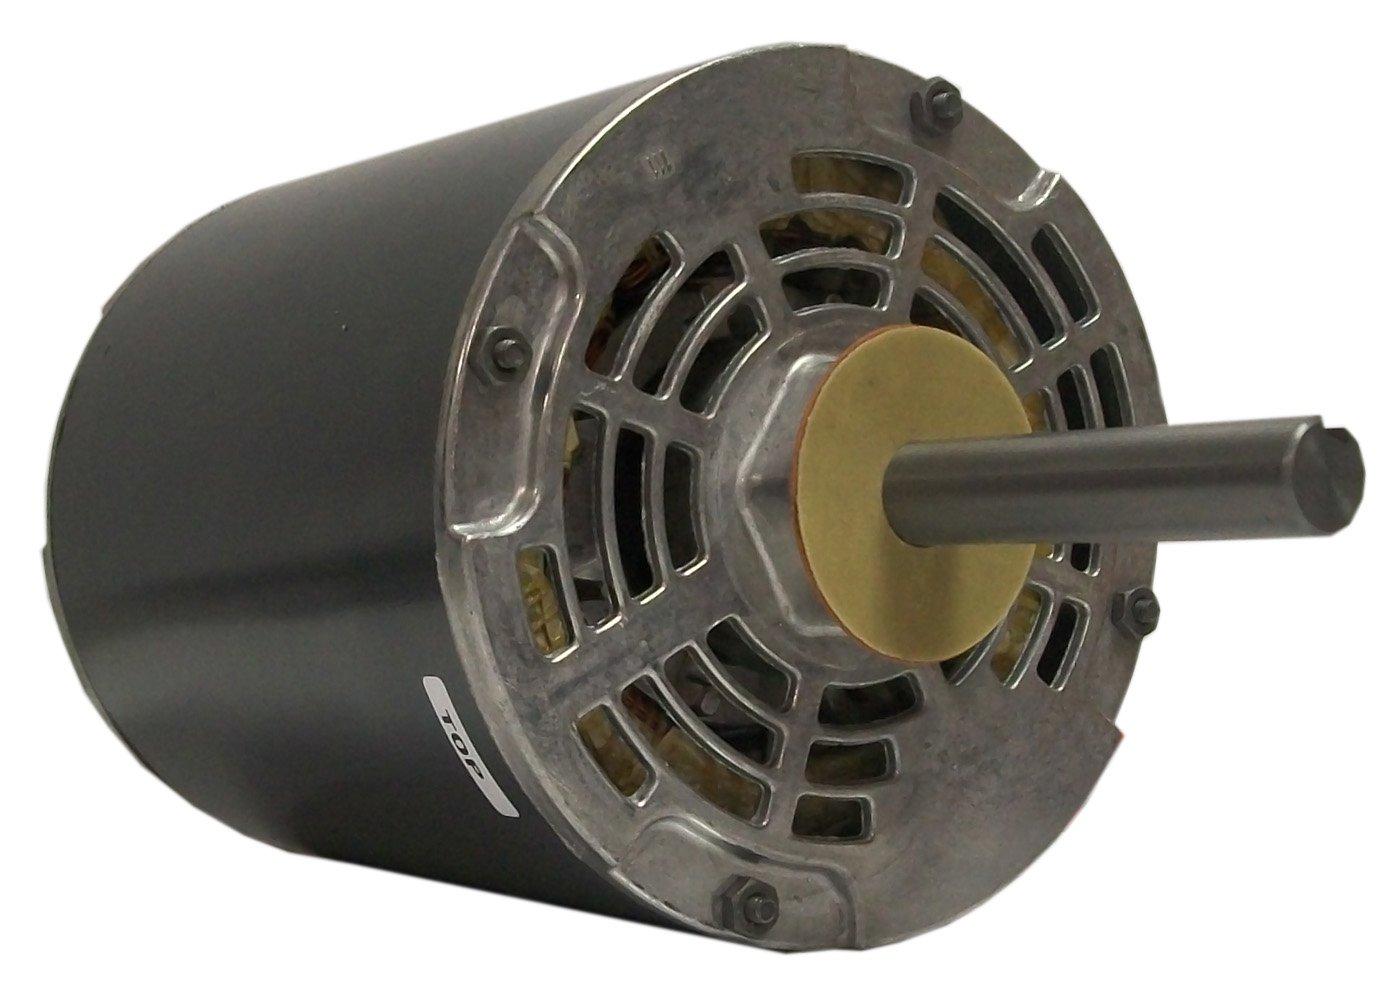 Fasco D2850 5.6-Inch Diameter PSC Motor, 1 HP, 208-230/460 - 60Hz Volts, 1125 RPM, 1 Speed, 4.6/2.3 Amps, CW Rotation, Ball Bearing by Fasco B007VK0QEM